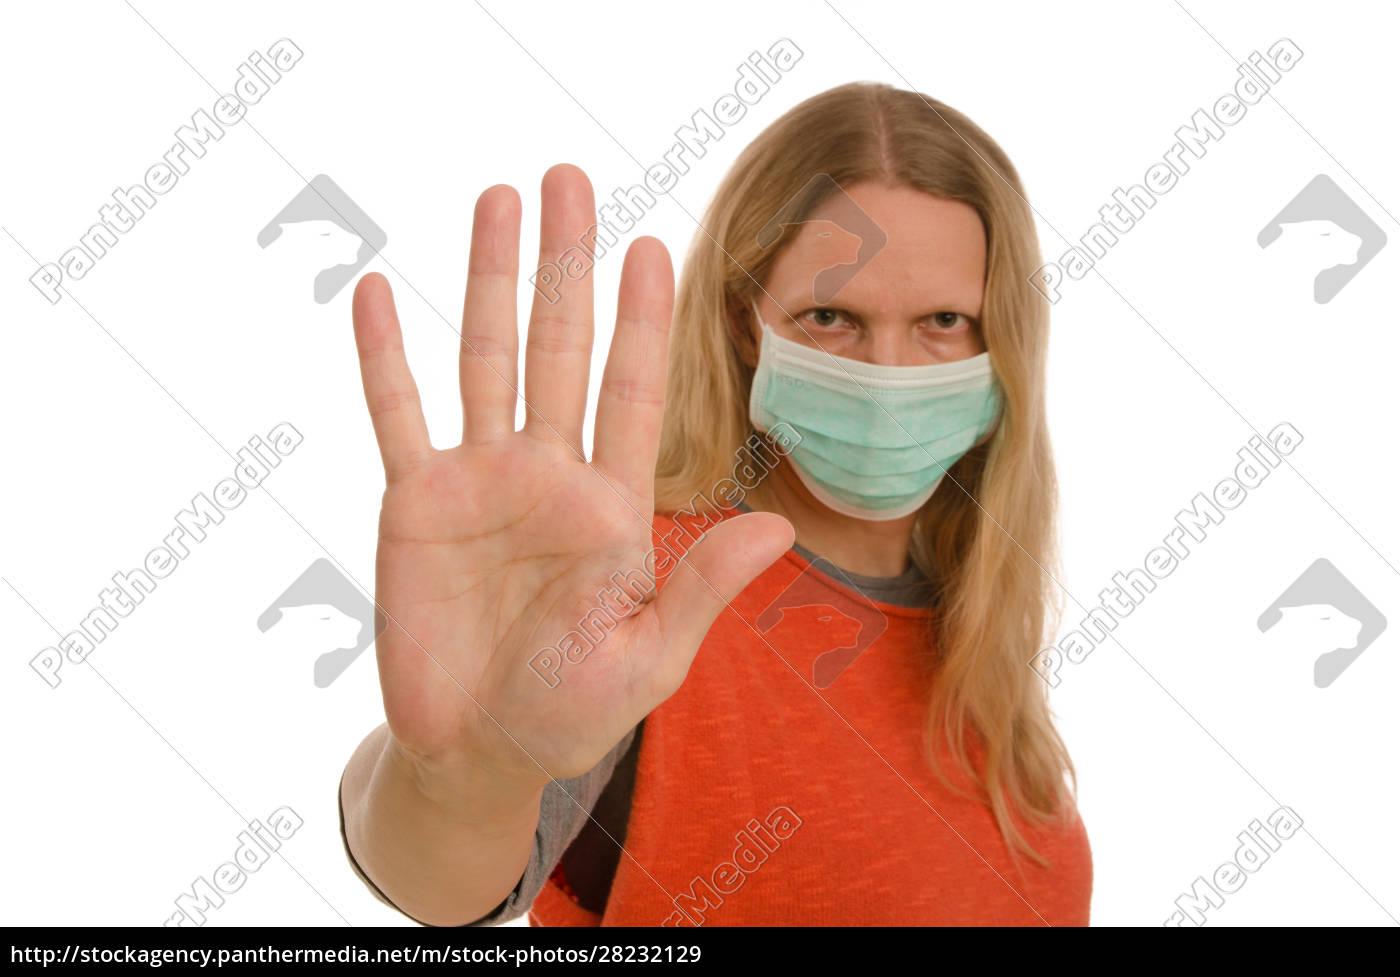 mujer, con, protección, bucal, y, máscara - 28232129